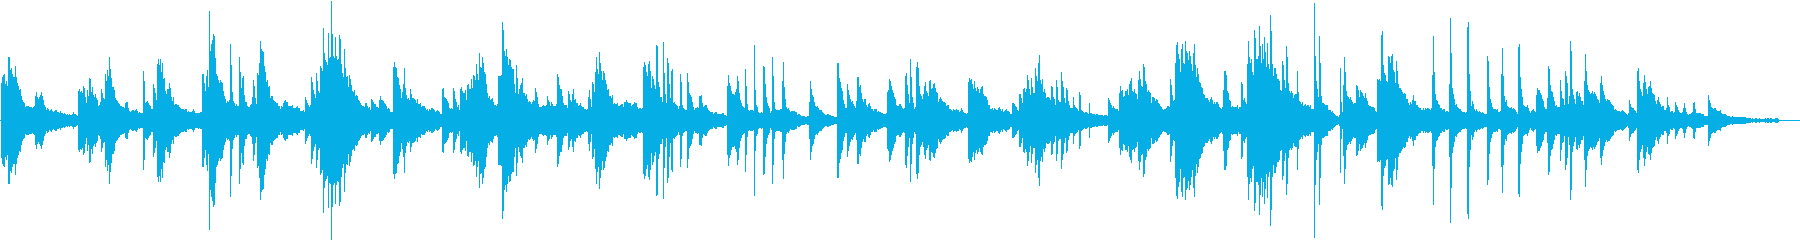 ヒーリングピアノ組曲 ただよう 4の再生済みの波形